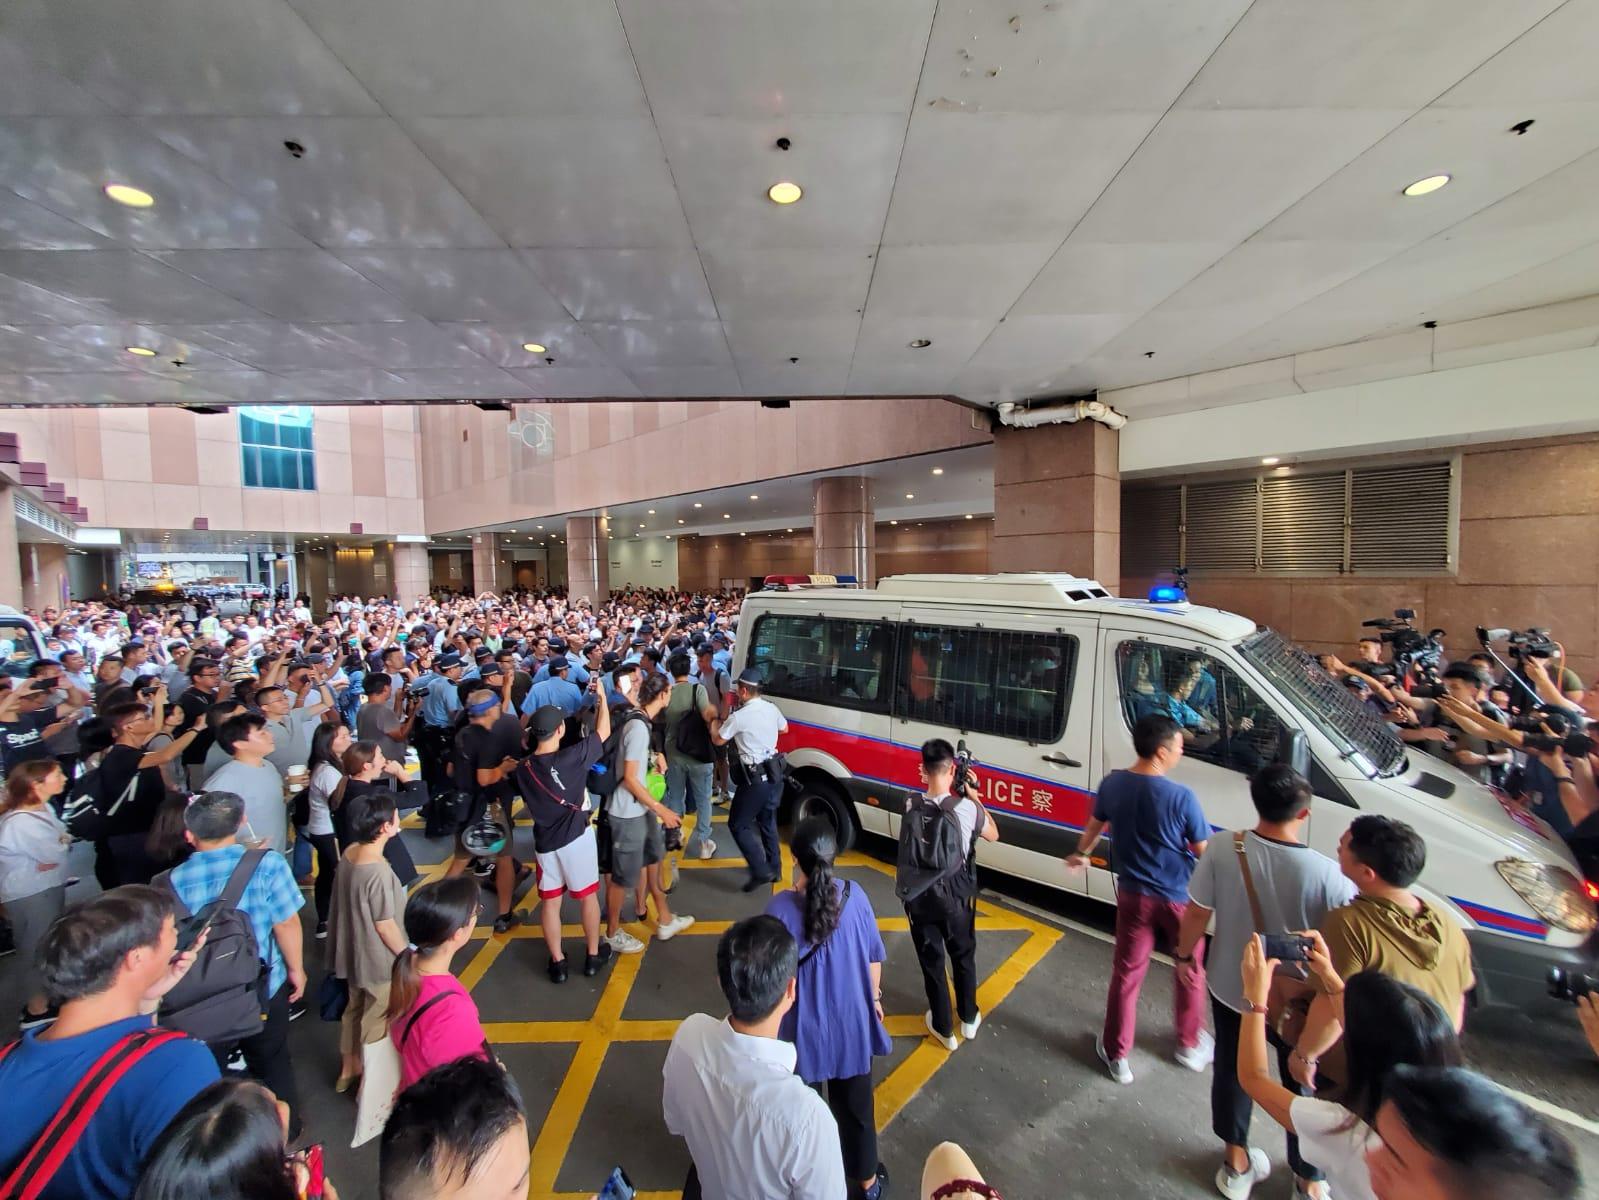 多名愛國人士由警方護送上警車離開。